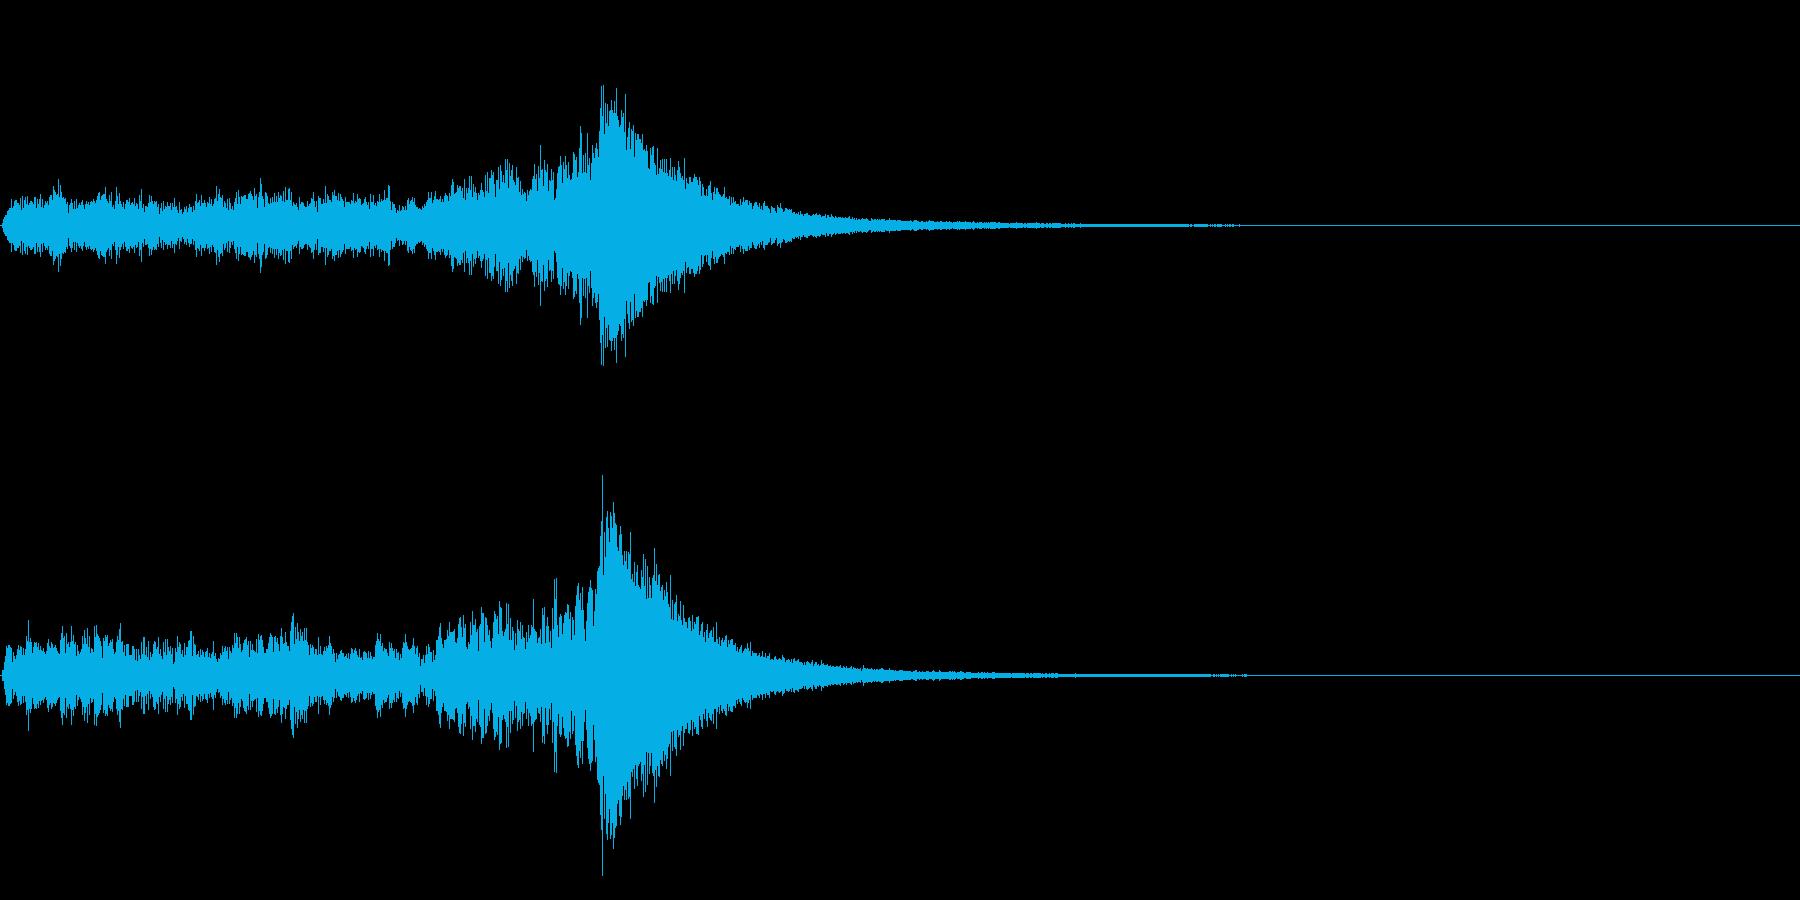 短めのドラムロール(抽選、コンテスト)の再生済みの波形